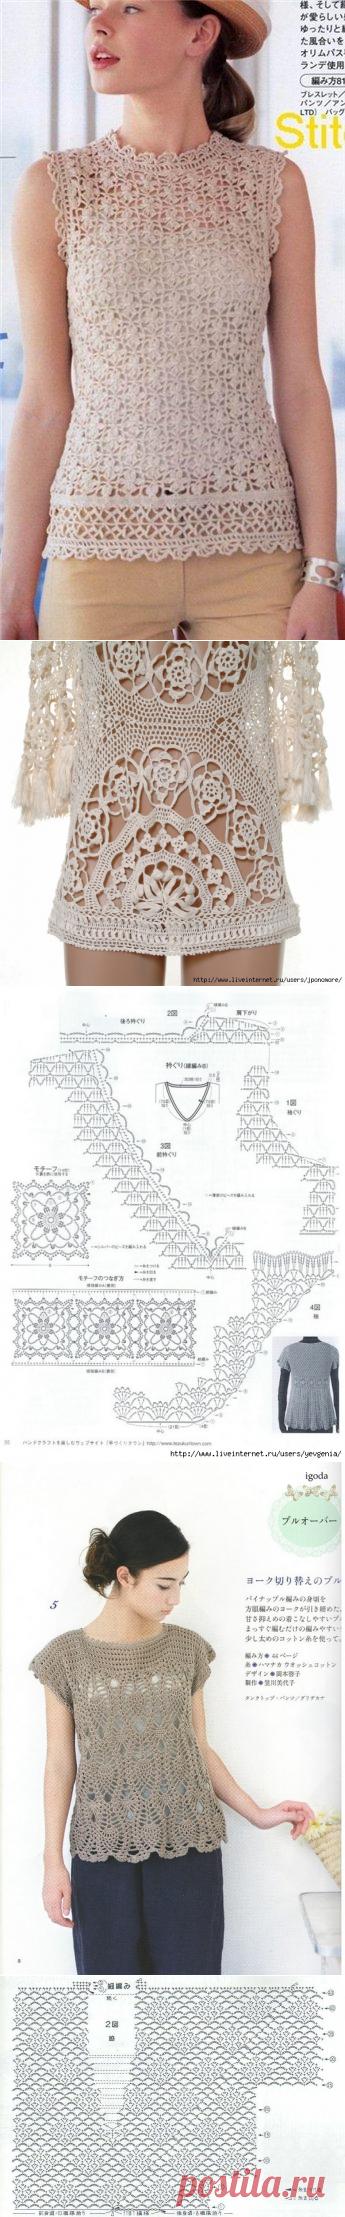 Японские схемы крючок